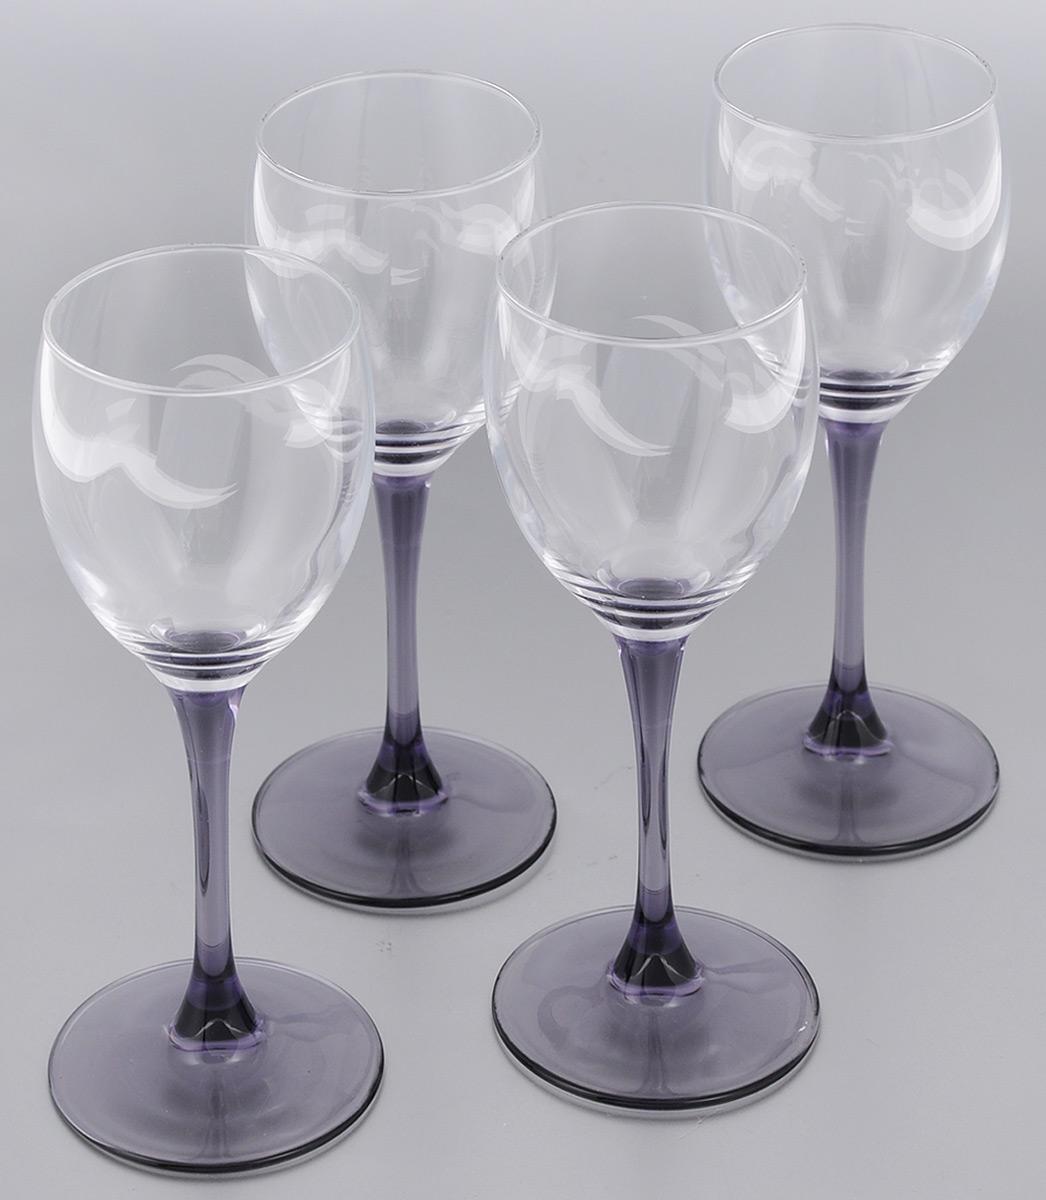 Набор фужеров для вина Luminarc Sweet Lilac, 190 мл, 4 штVT-1520(SR)Набор Luminarc Sweet Lilac состоит из четырех фужеров, выполненных из прочного стекла. Изделия оснащены высокими ножками. Фужеры предназначены для подачи вина. Они сочетают в себе элегантный дизайн и функциональность. Благодаря такому набору пить напитки будет еще вкуснее.Набор фужеров Luminarc Sweet Lilac прекрасно оформит праздничный стол и создаст приятную атмосферу за романтическим ужином. Такой набор также станет хорошим подарком к любому случаю. Диаметр фужера (по верхнему краю): 6 см. Высота фужера: 18,5 см.